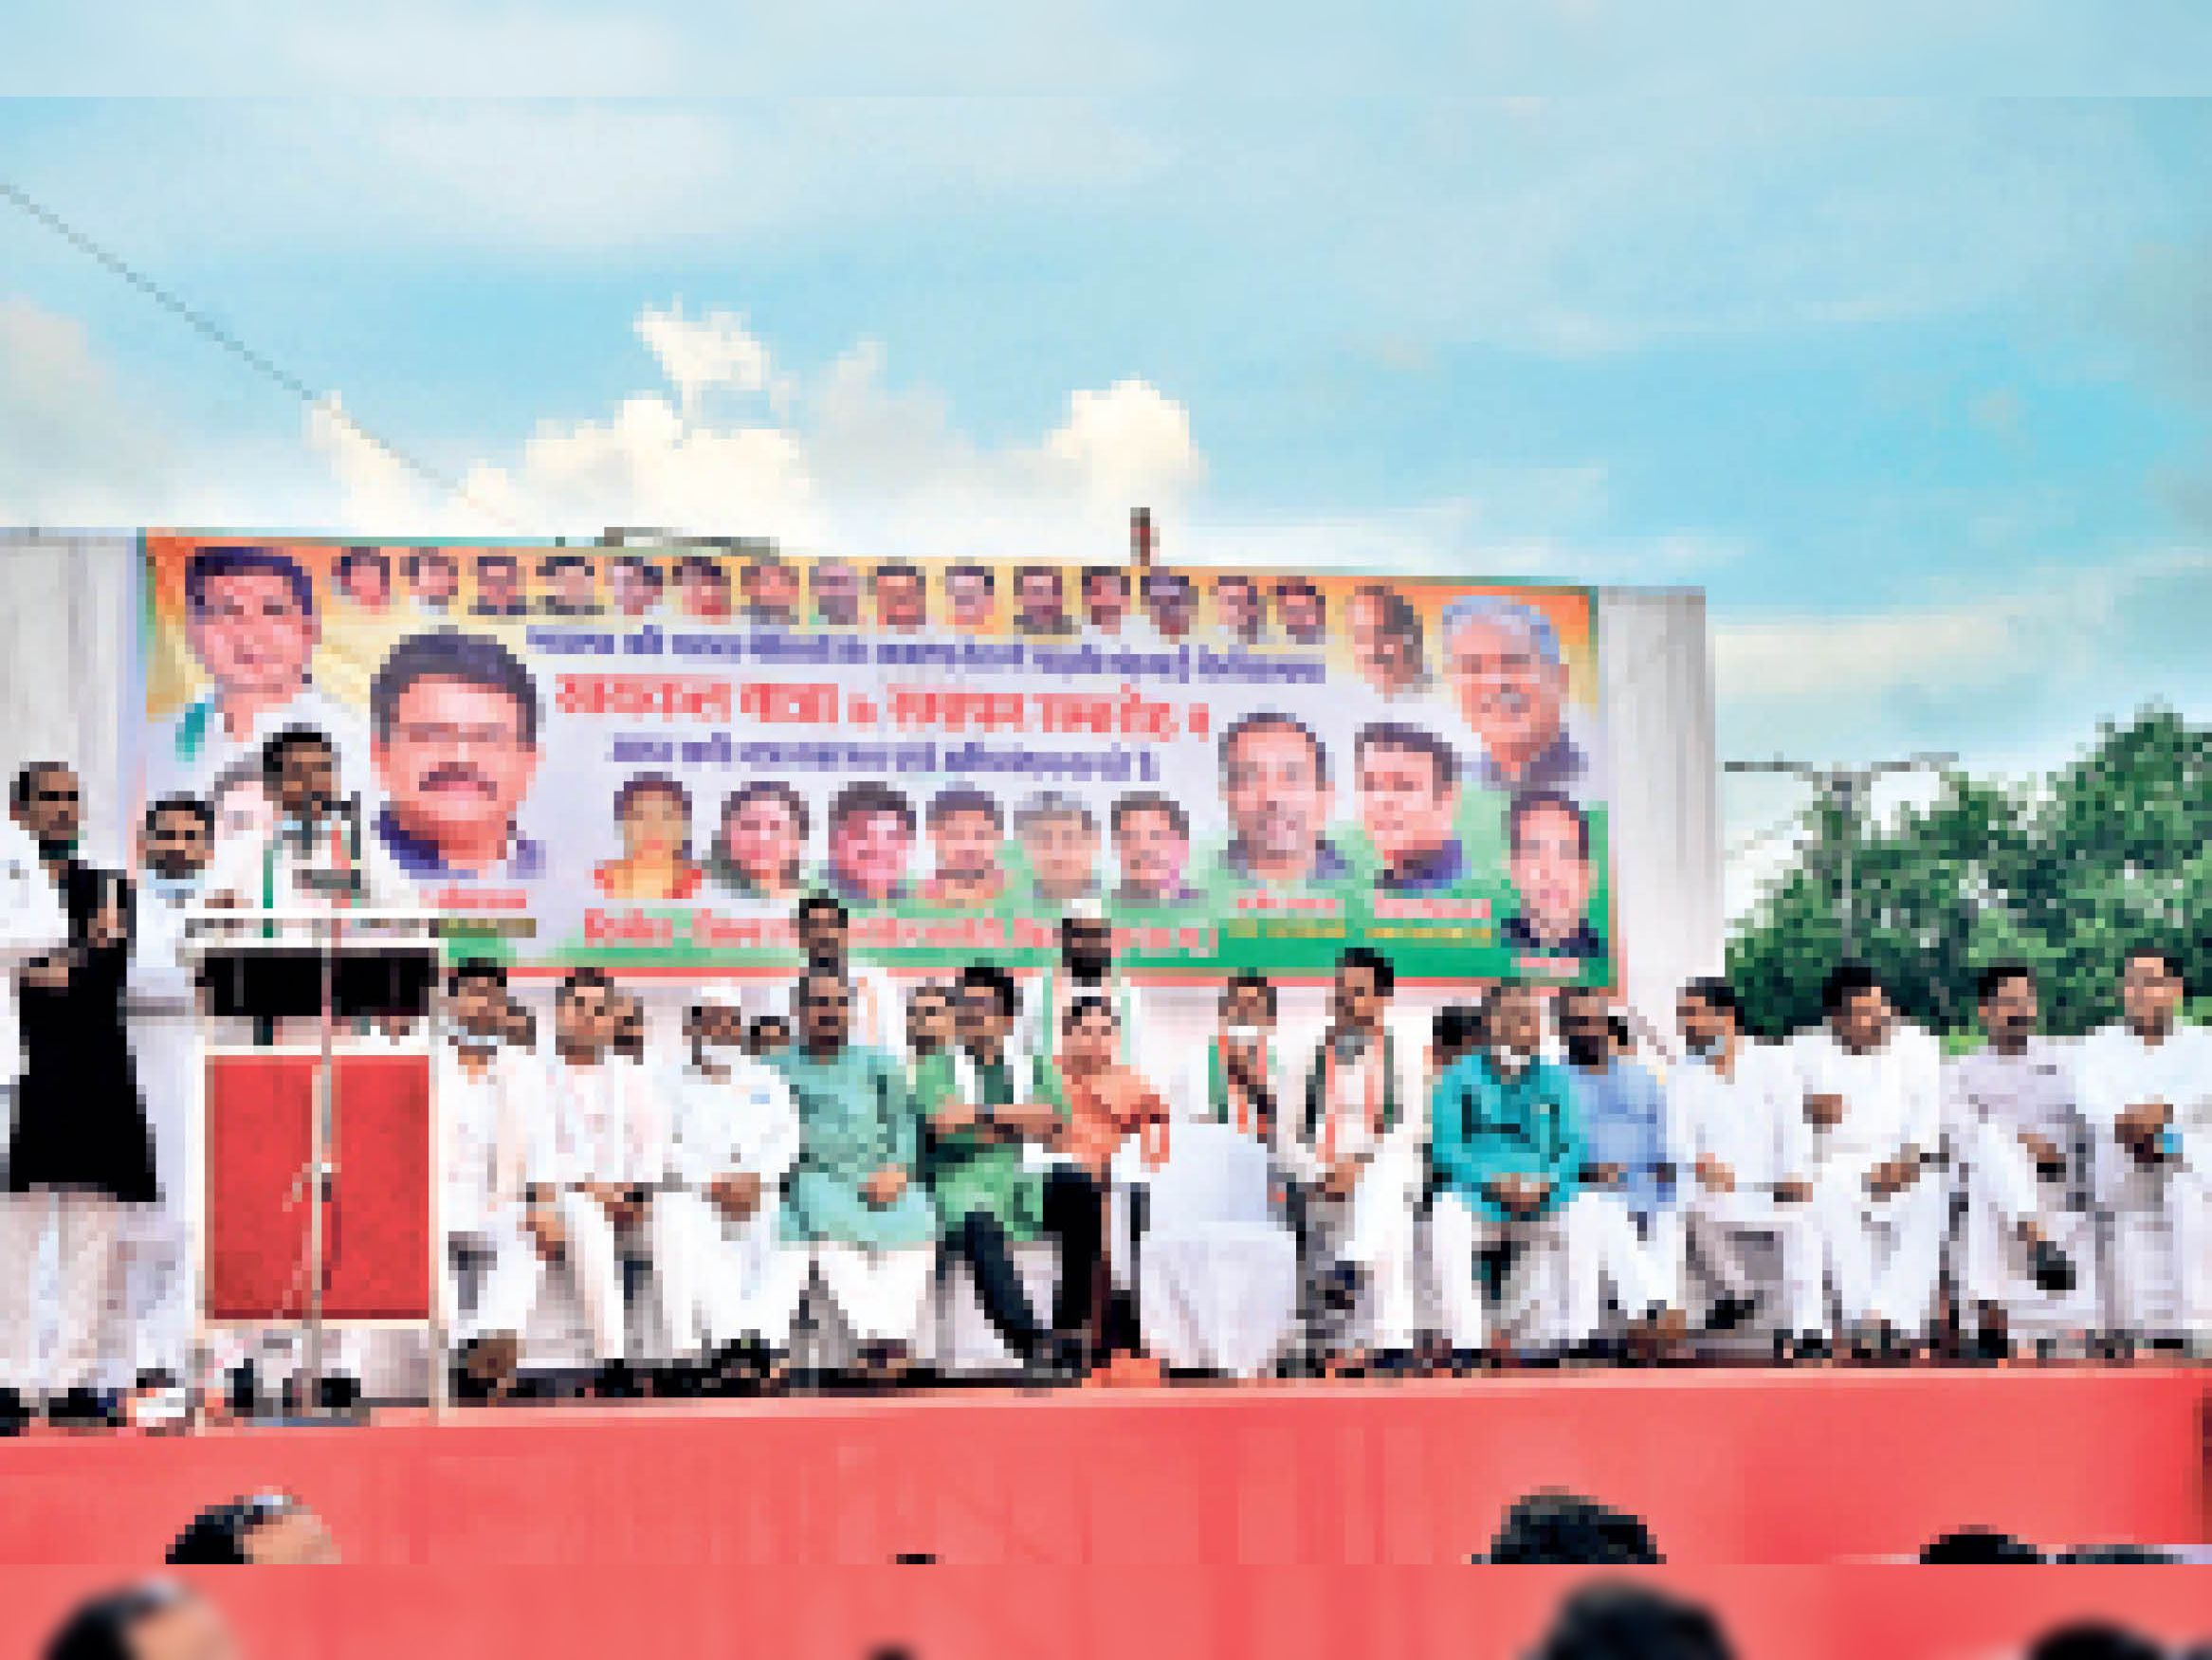 रिवर व्यू में कार्यक्रम को संबोधित करते प्रदेश कांग्रेस कमेटी के अध्यक्ष मोहन मरकाम व अन्य कांग्रेस नेता। - Dainik Bhaskar